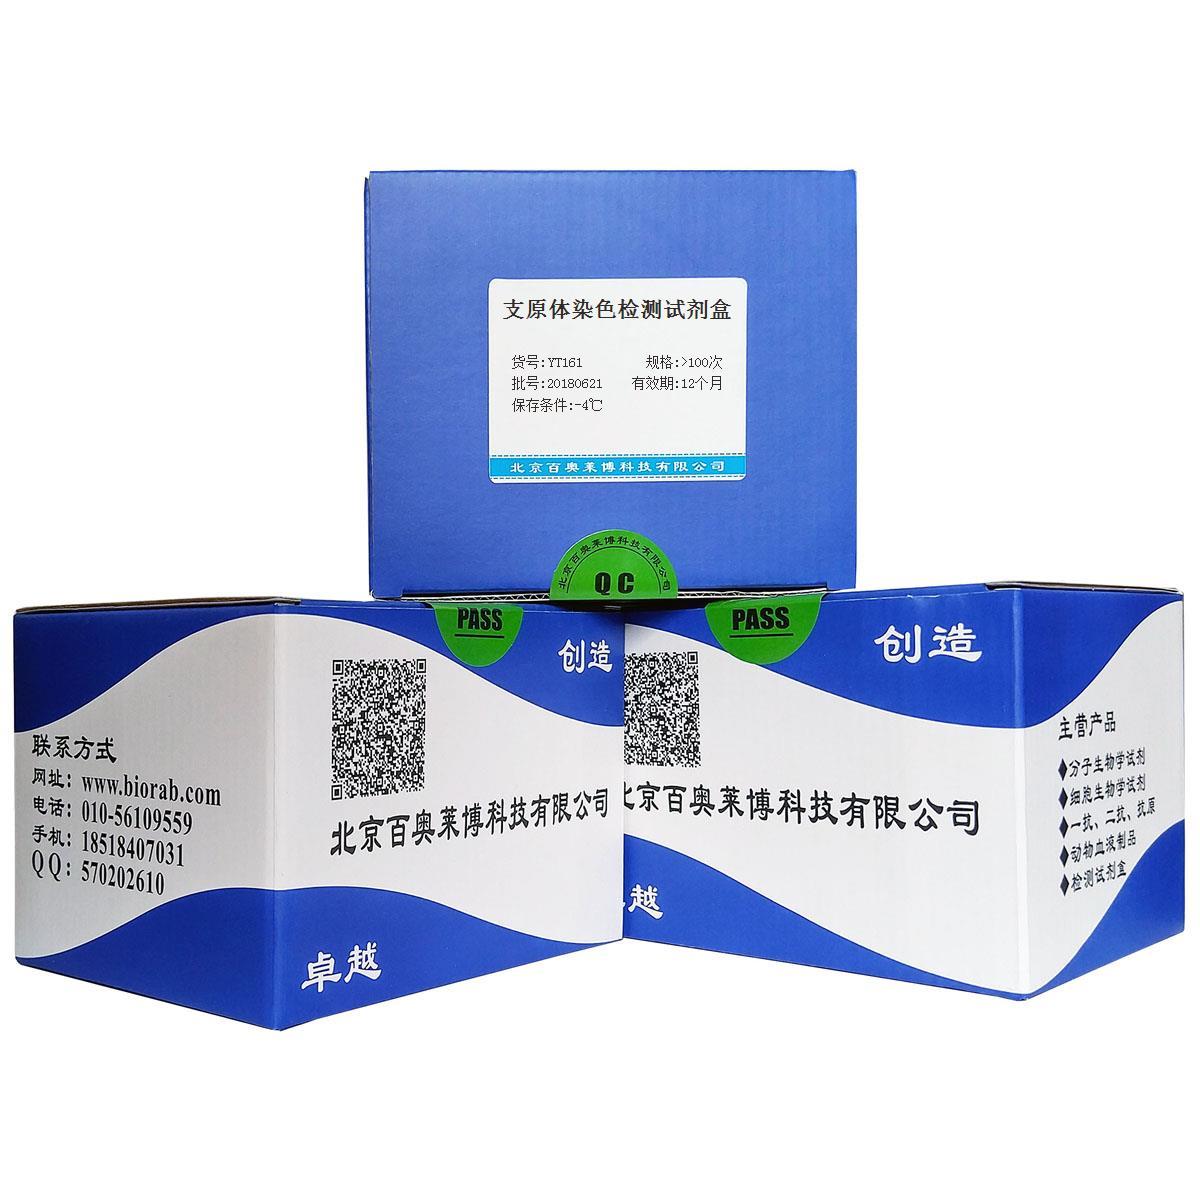 支原体染色检测试剂盒 细胞生物学试剂